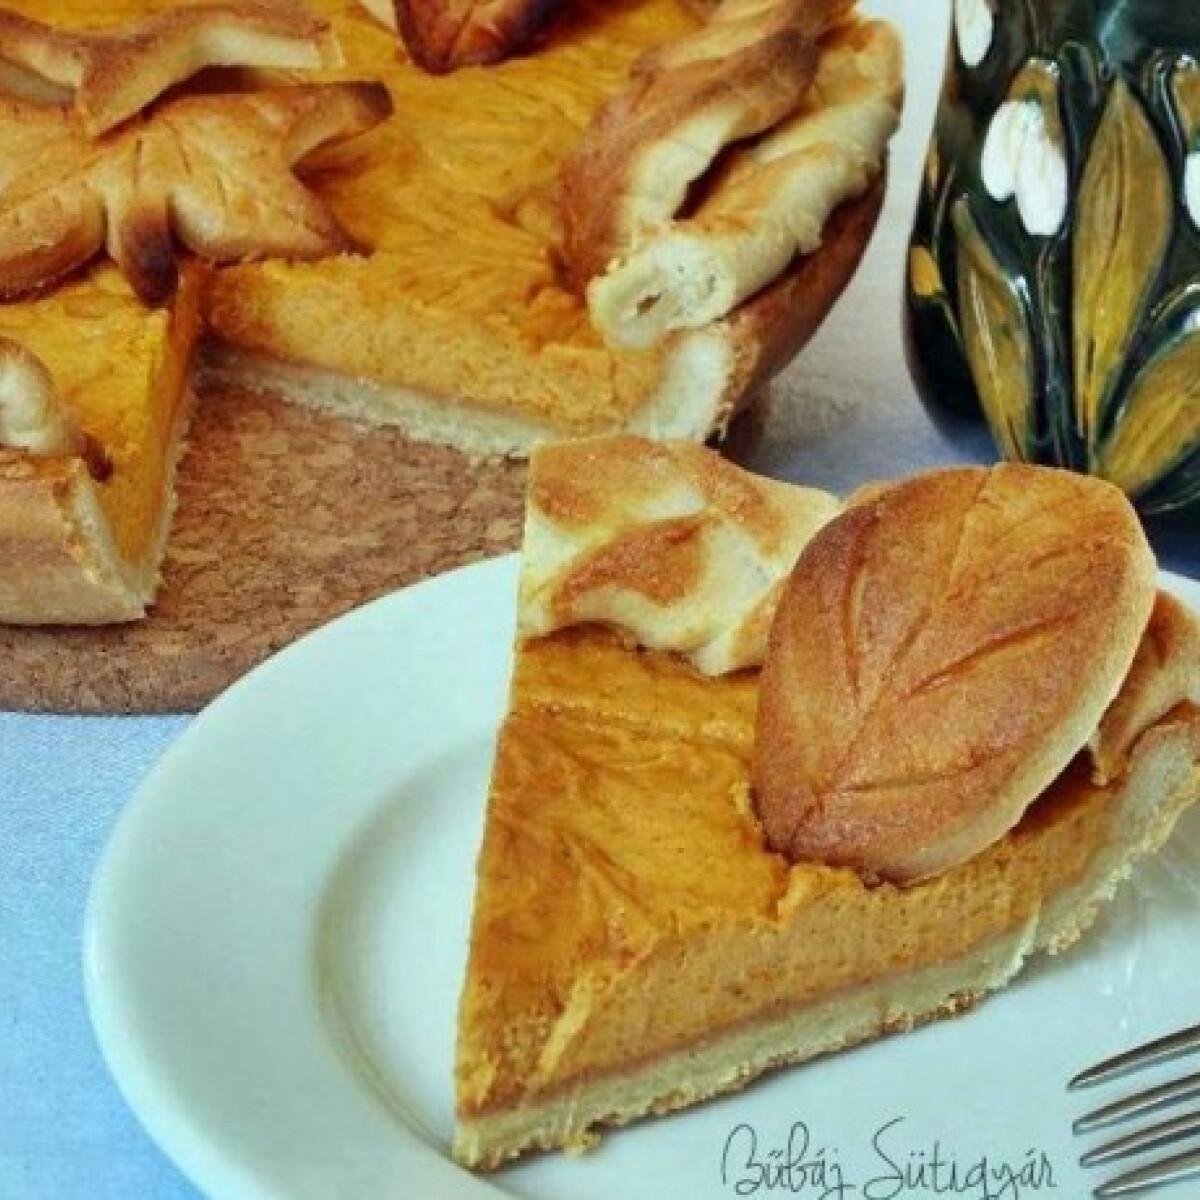 Ezen a képen: Sütőtökös pite Bűbáj Sütigyár konyhájából